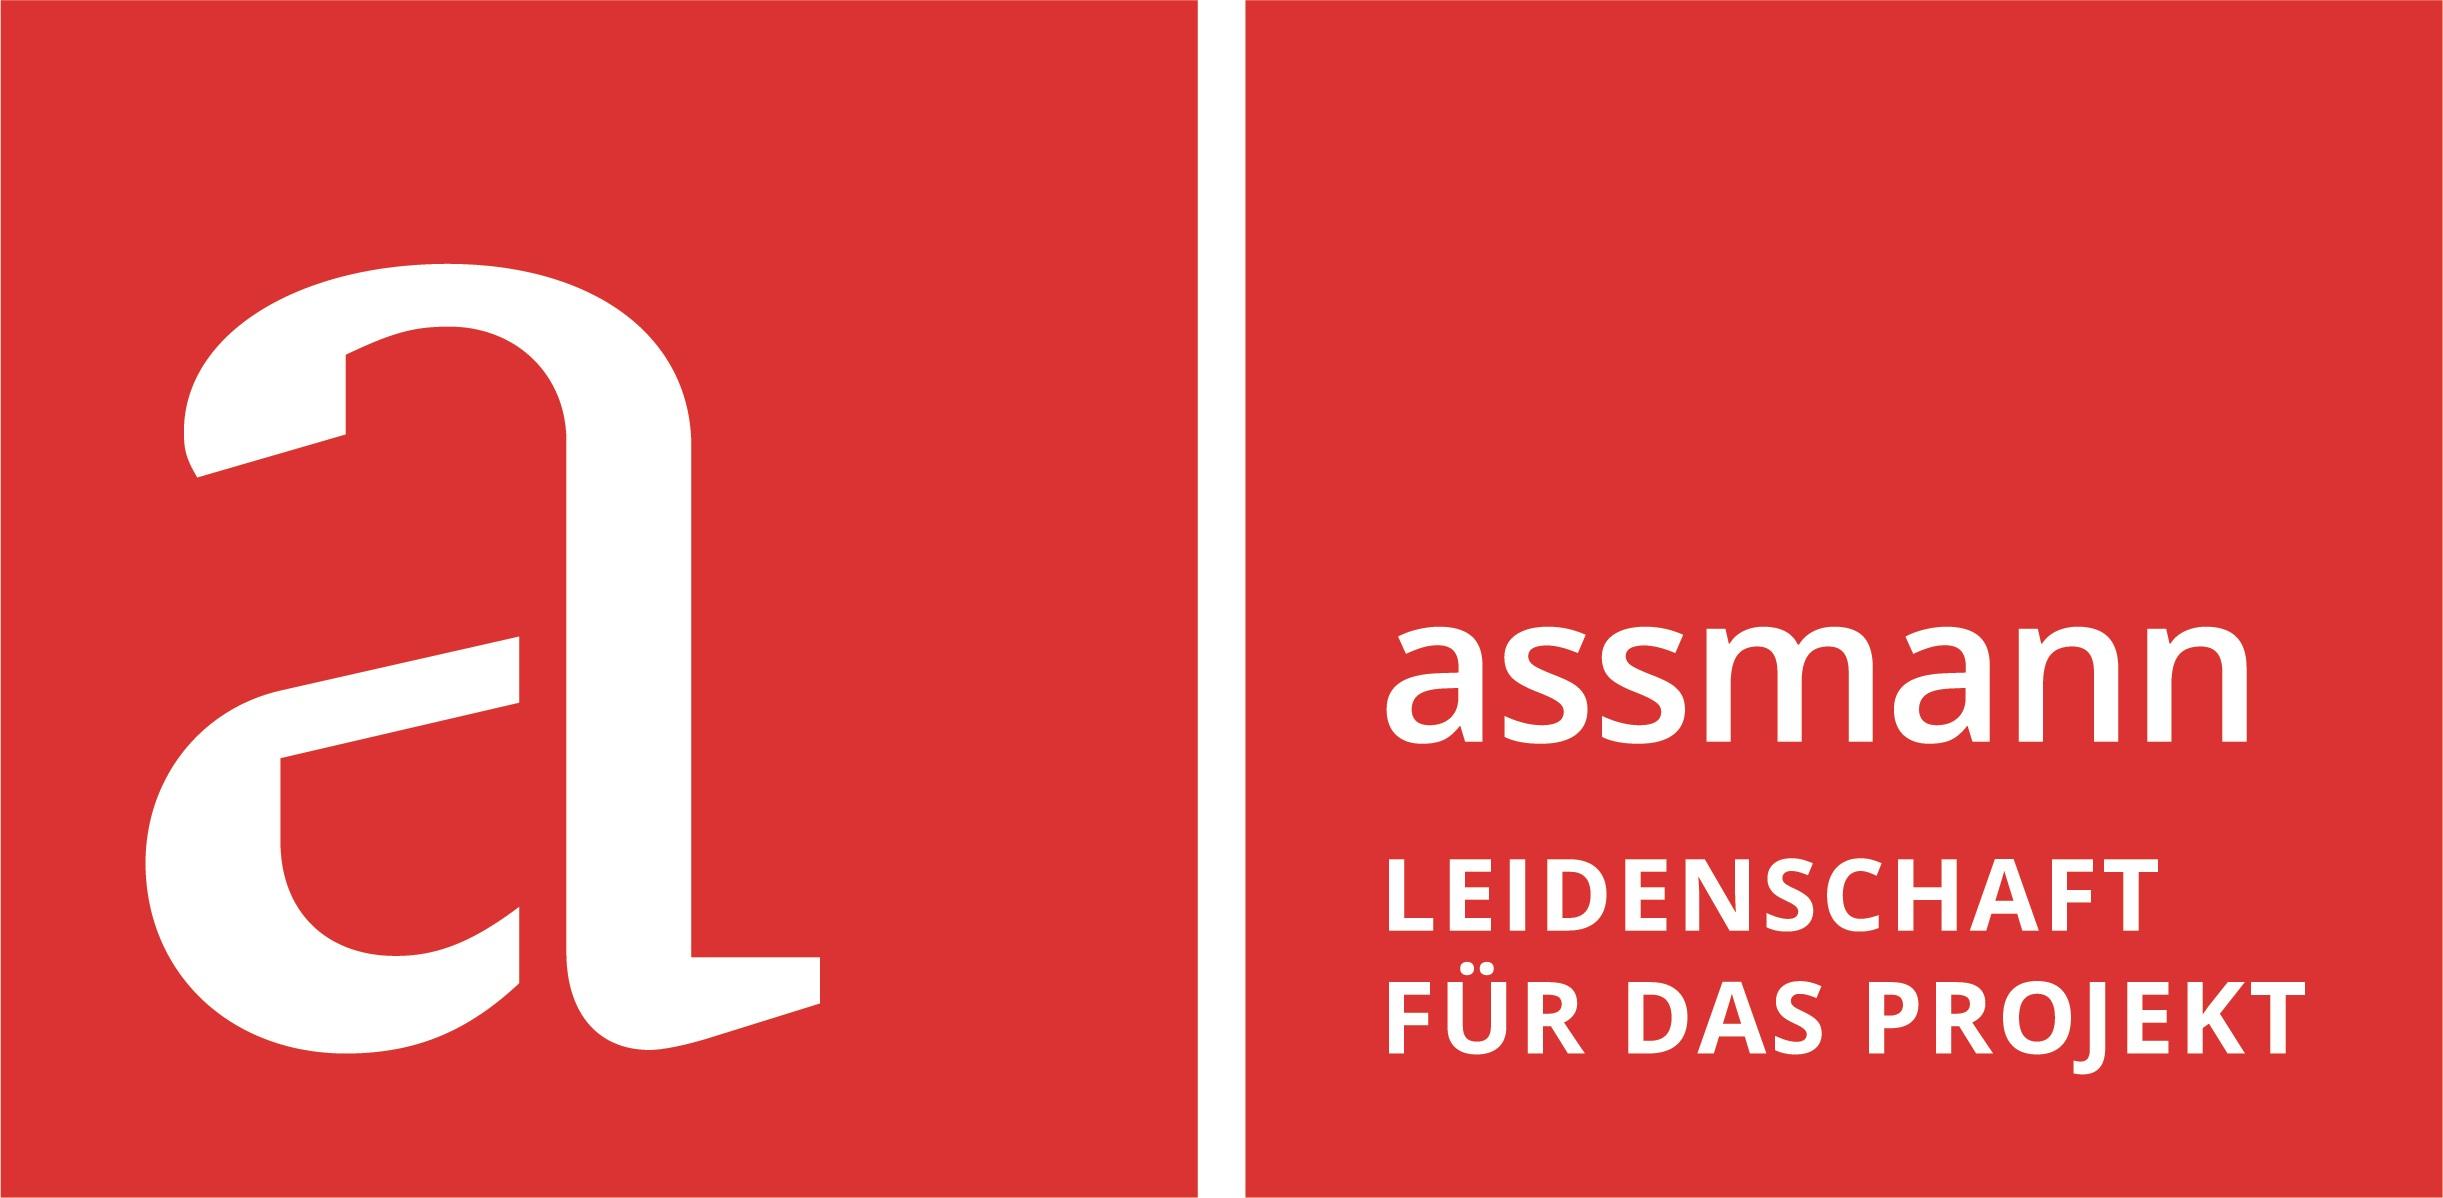 ASSMANN BERATEN + PLANEN GmbH